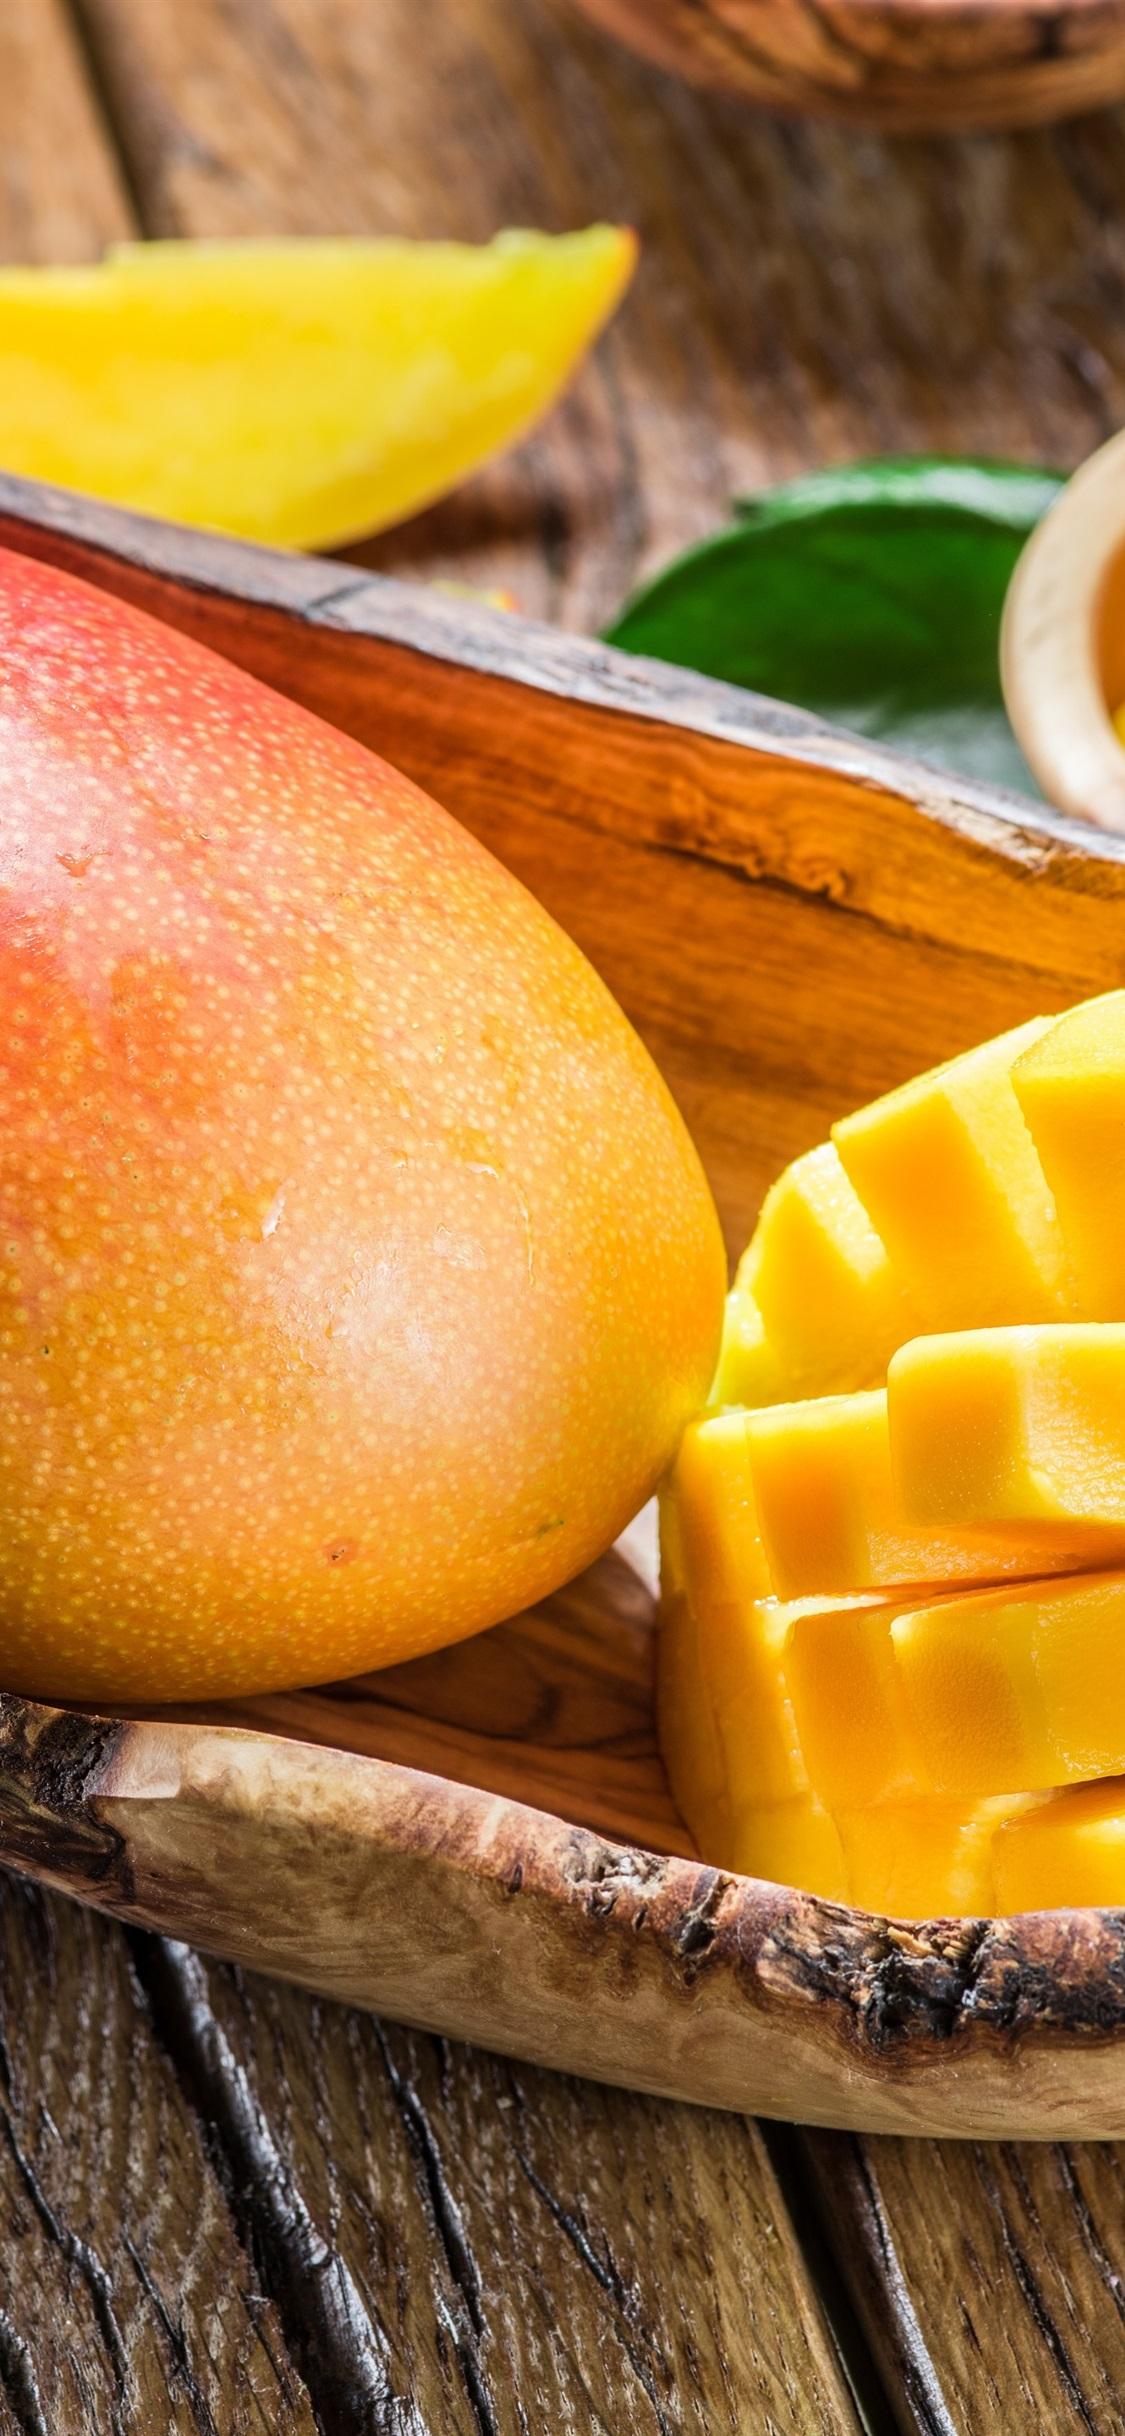 美味的芒果 新鲜水果1125x2436 Iphone 11 Pro Xs X 壁纸 图片 背景 照片